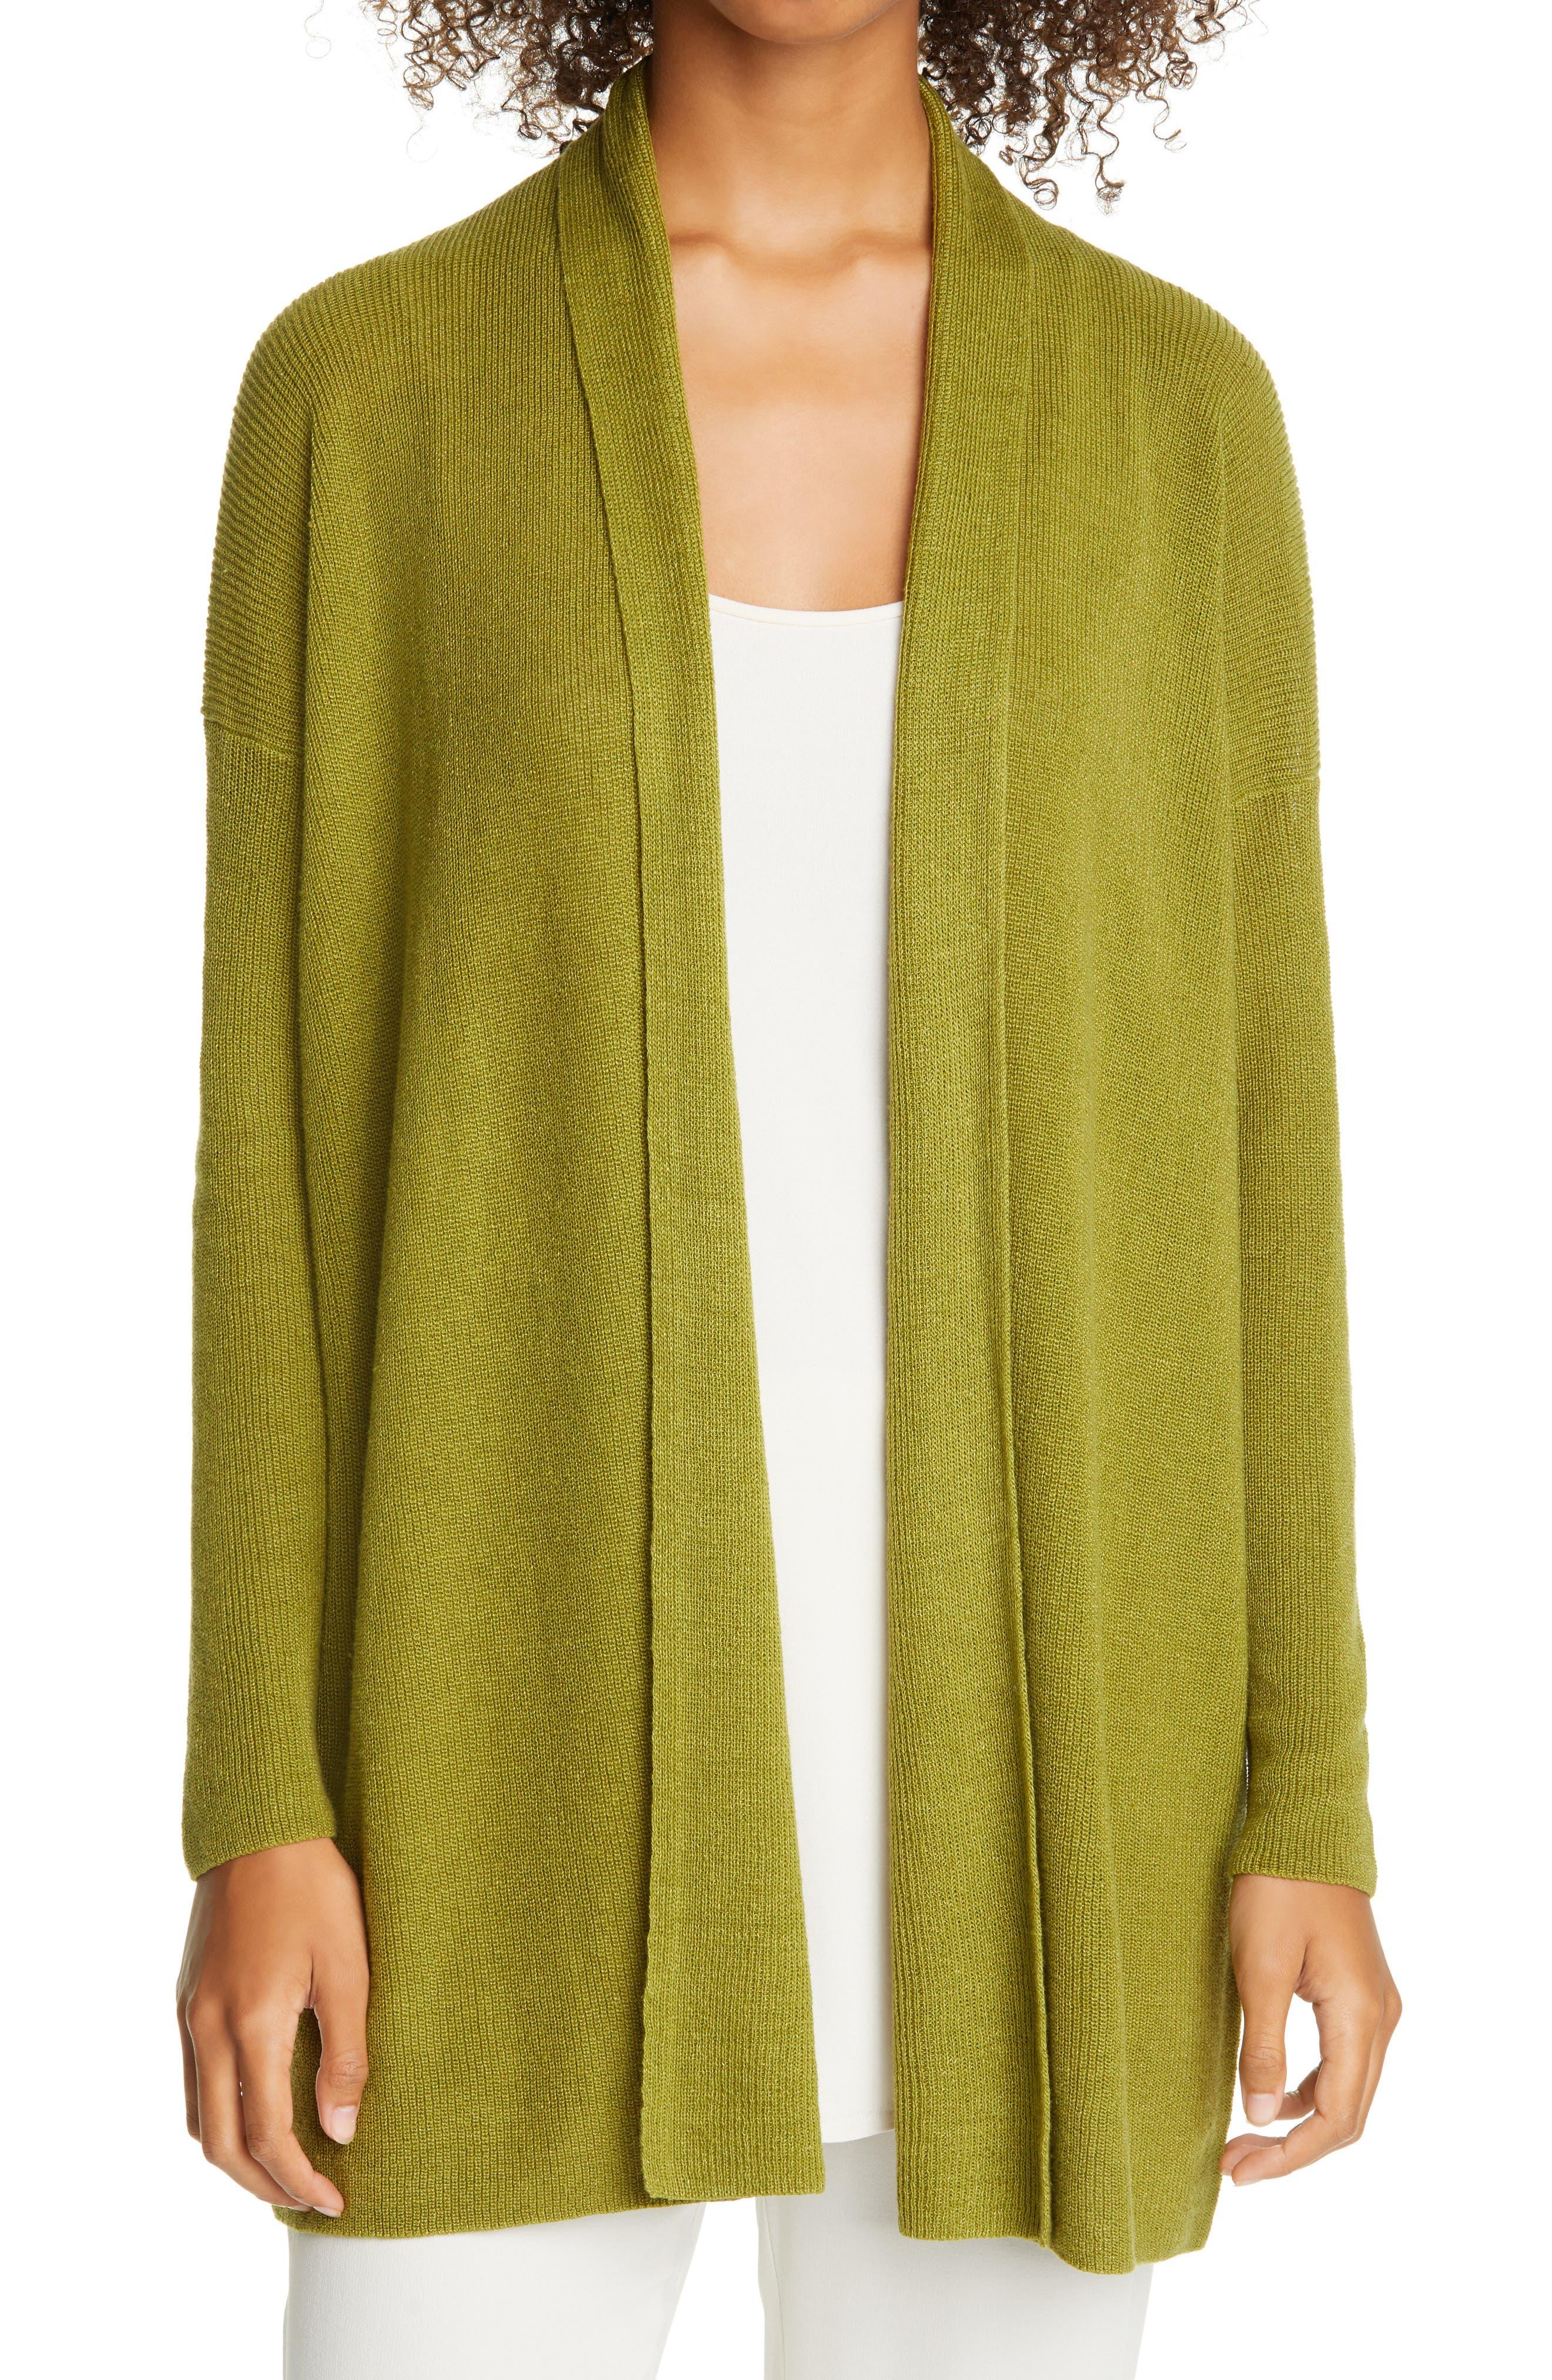 Eileen Fisher Women/'s Long Sleeve Blouse Blazer Sweater Size M,L Organic Line